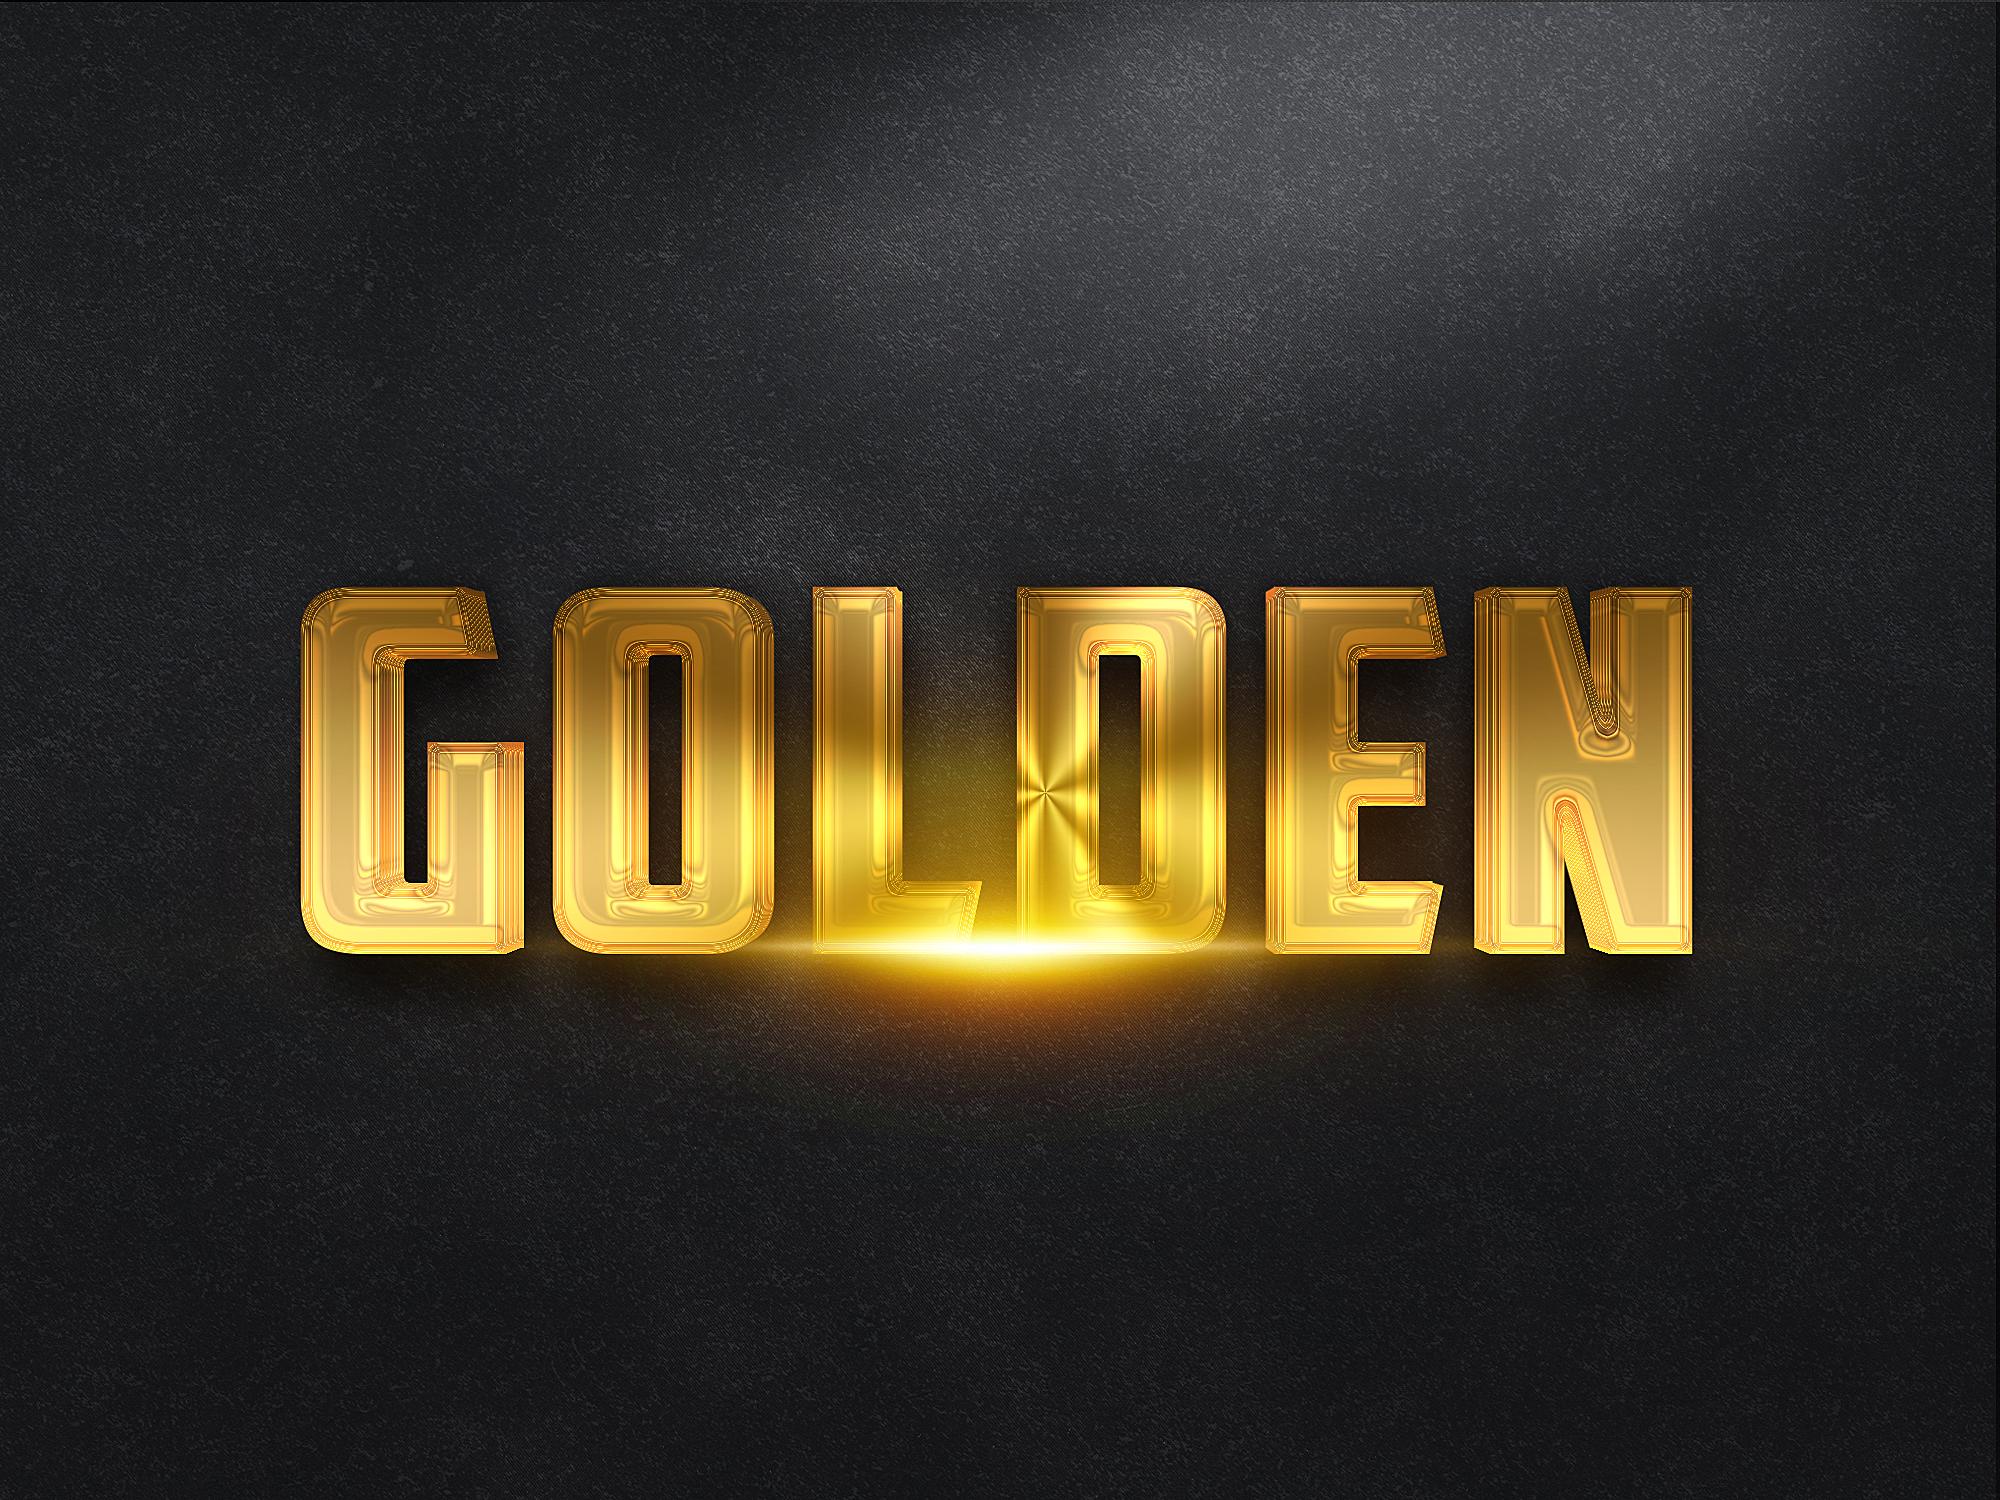 3d gold text effects by klitvogli